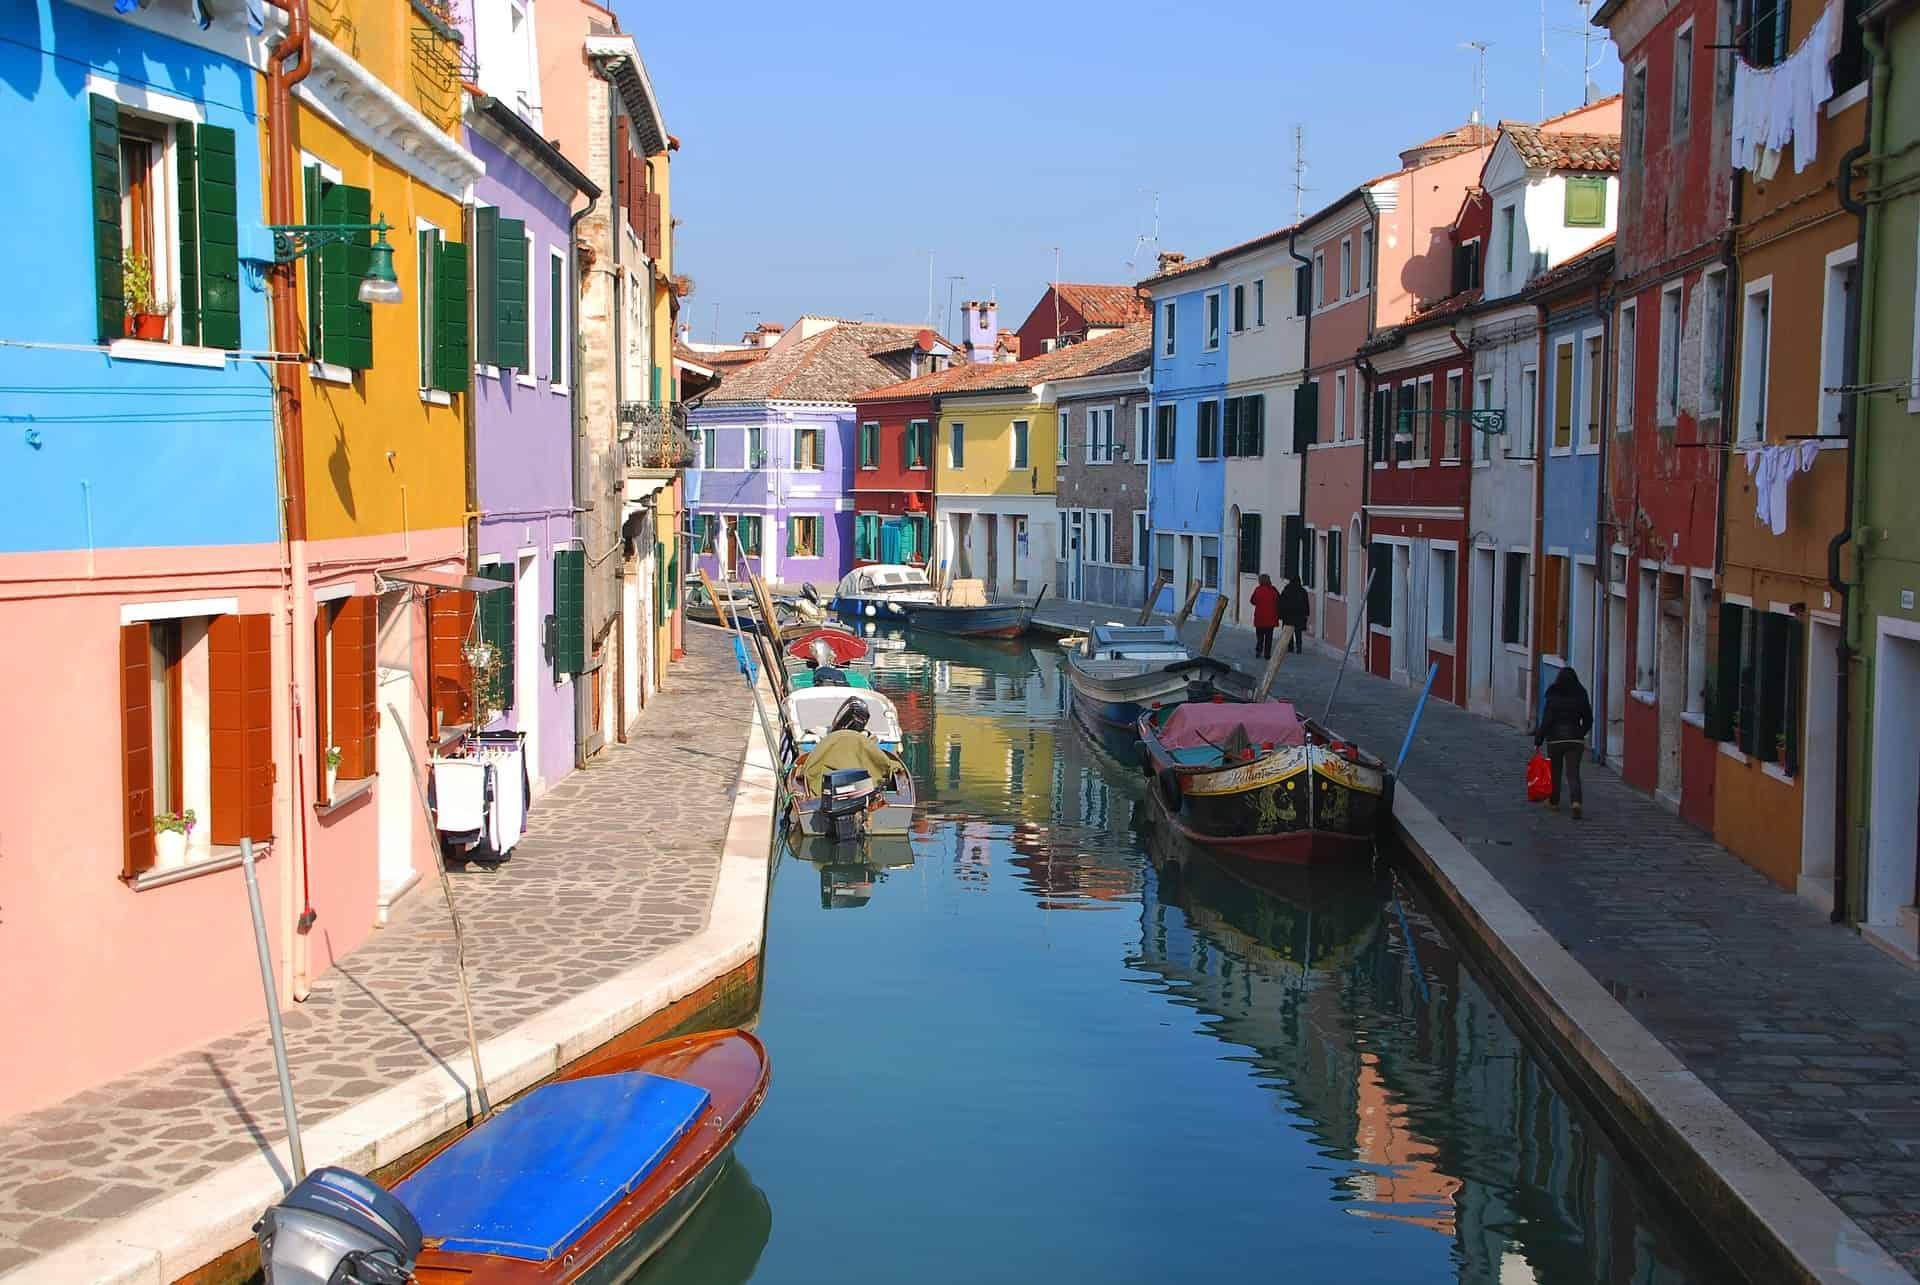 le case colorate di Murano rappresentano un'attrattiva unica per tutti i turisti che si recano sull'Isola